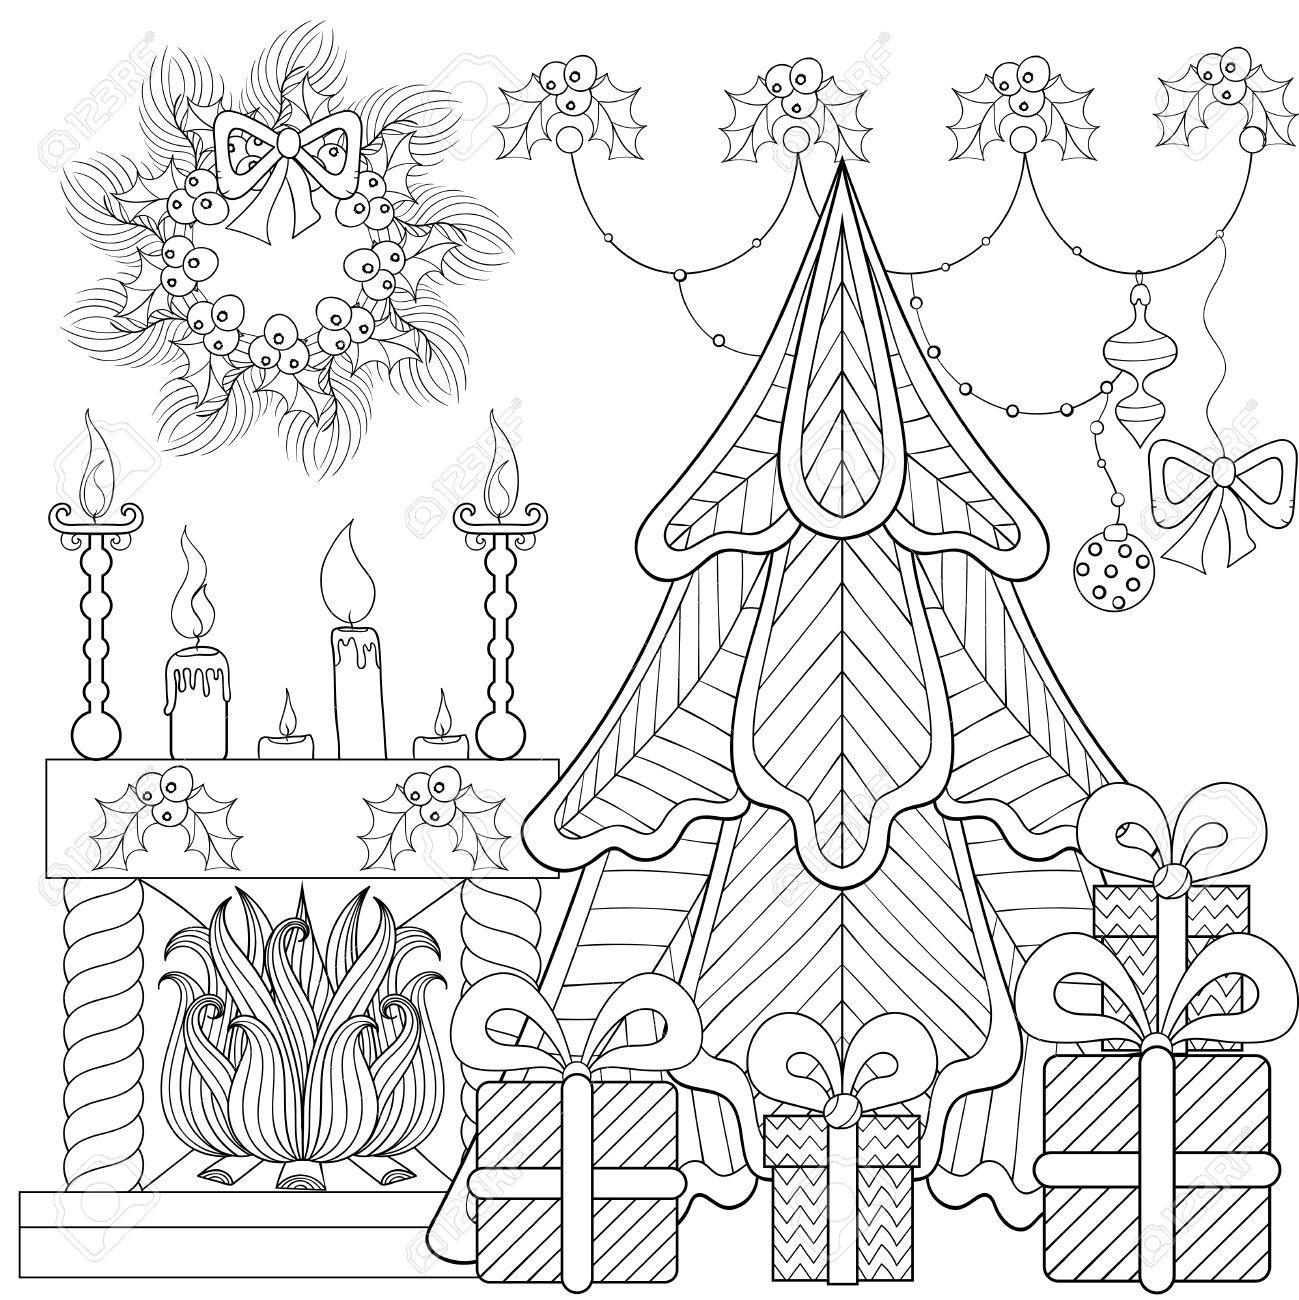 Gemusterte Weihnachten Zu Hause Interieur Mit Kamin Weihnachtsbaum